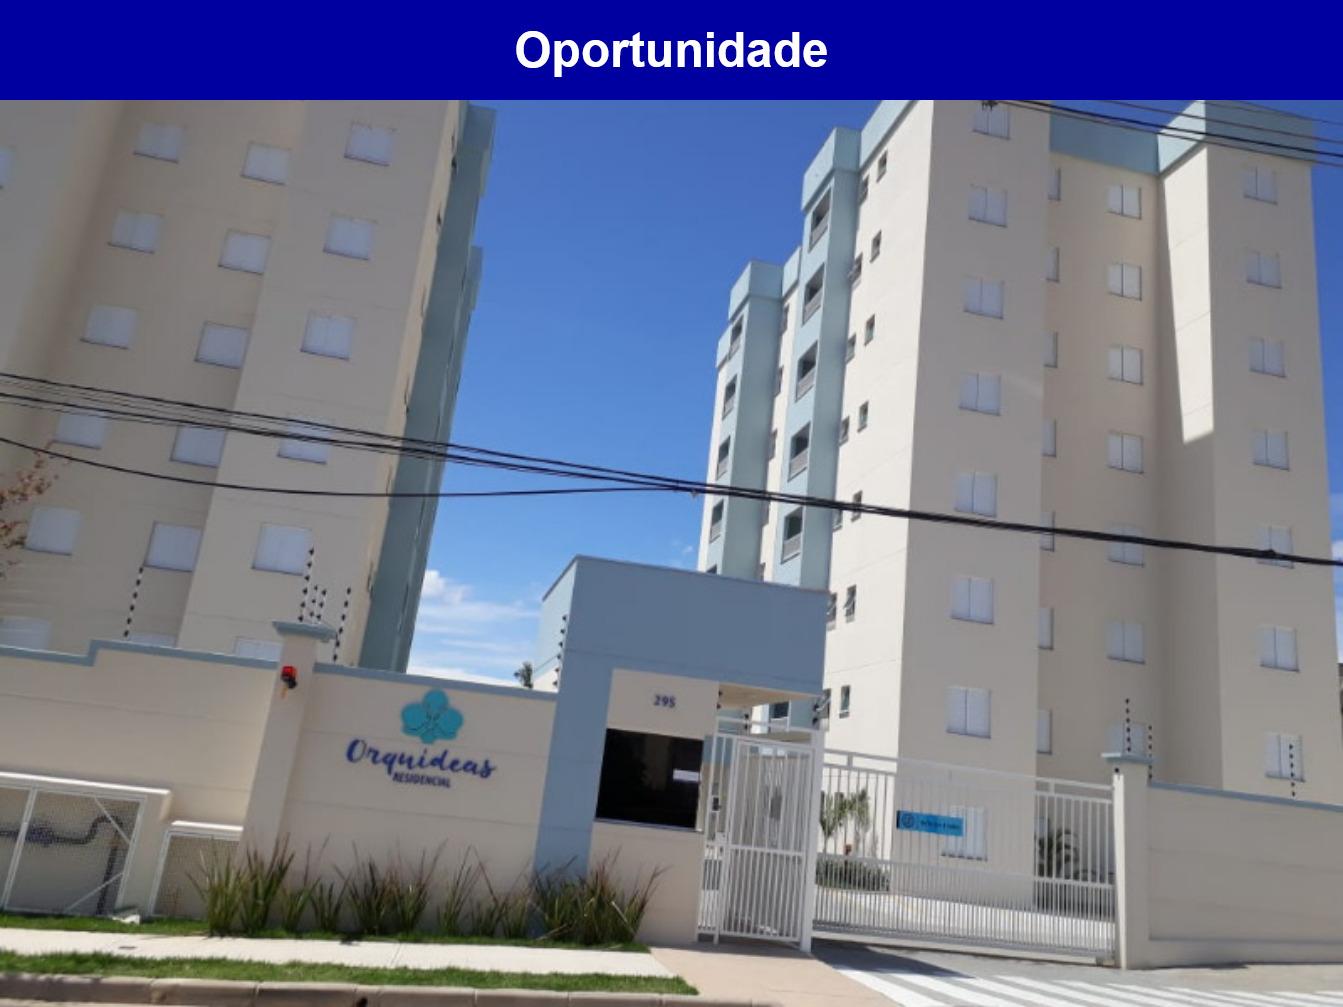 Apartamento a venda no Residencial Orquídeas, JARDIM LEOCÁDIA, Sorocaba -sp